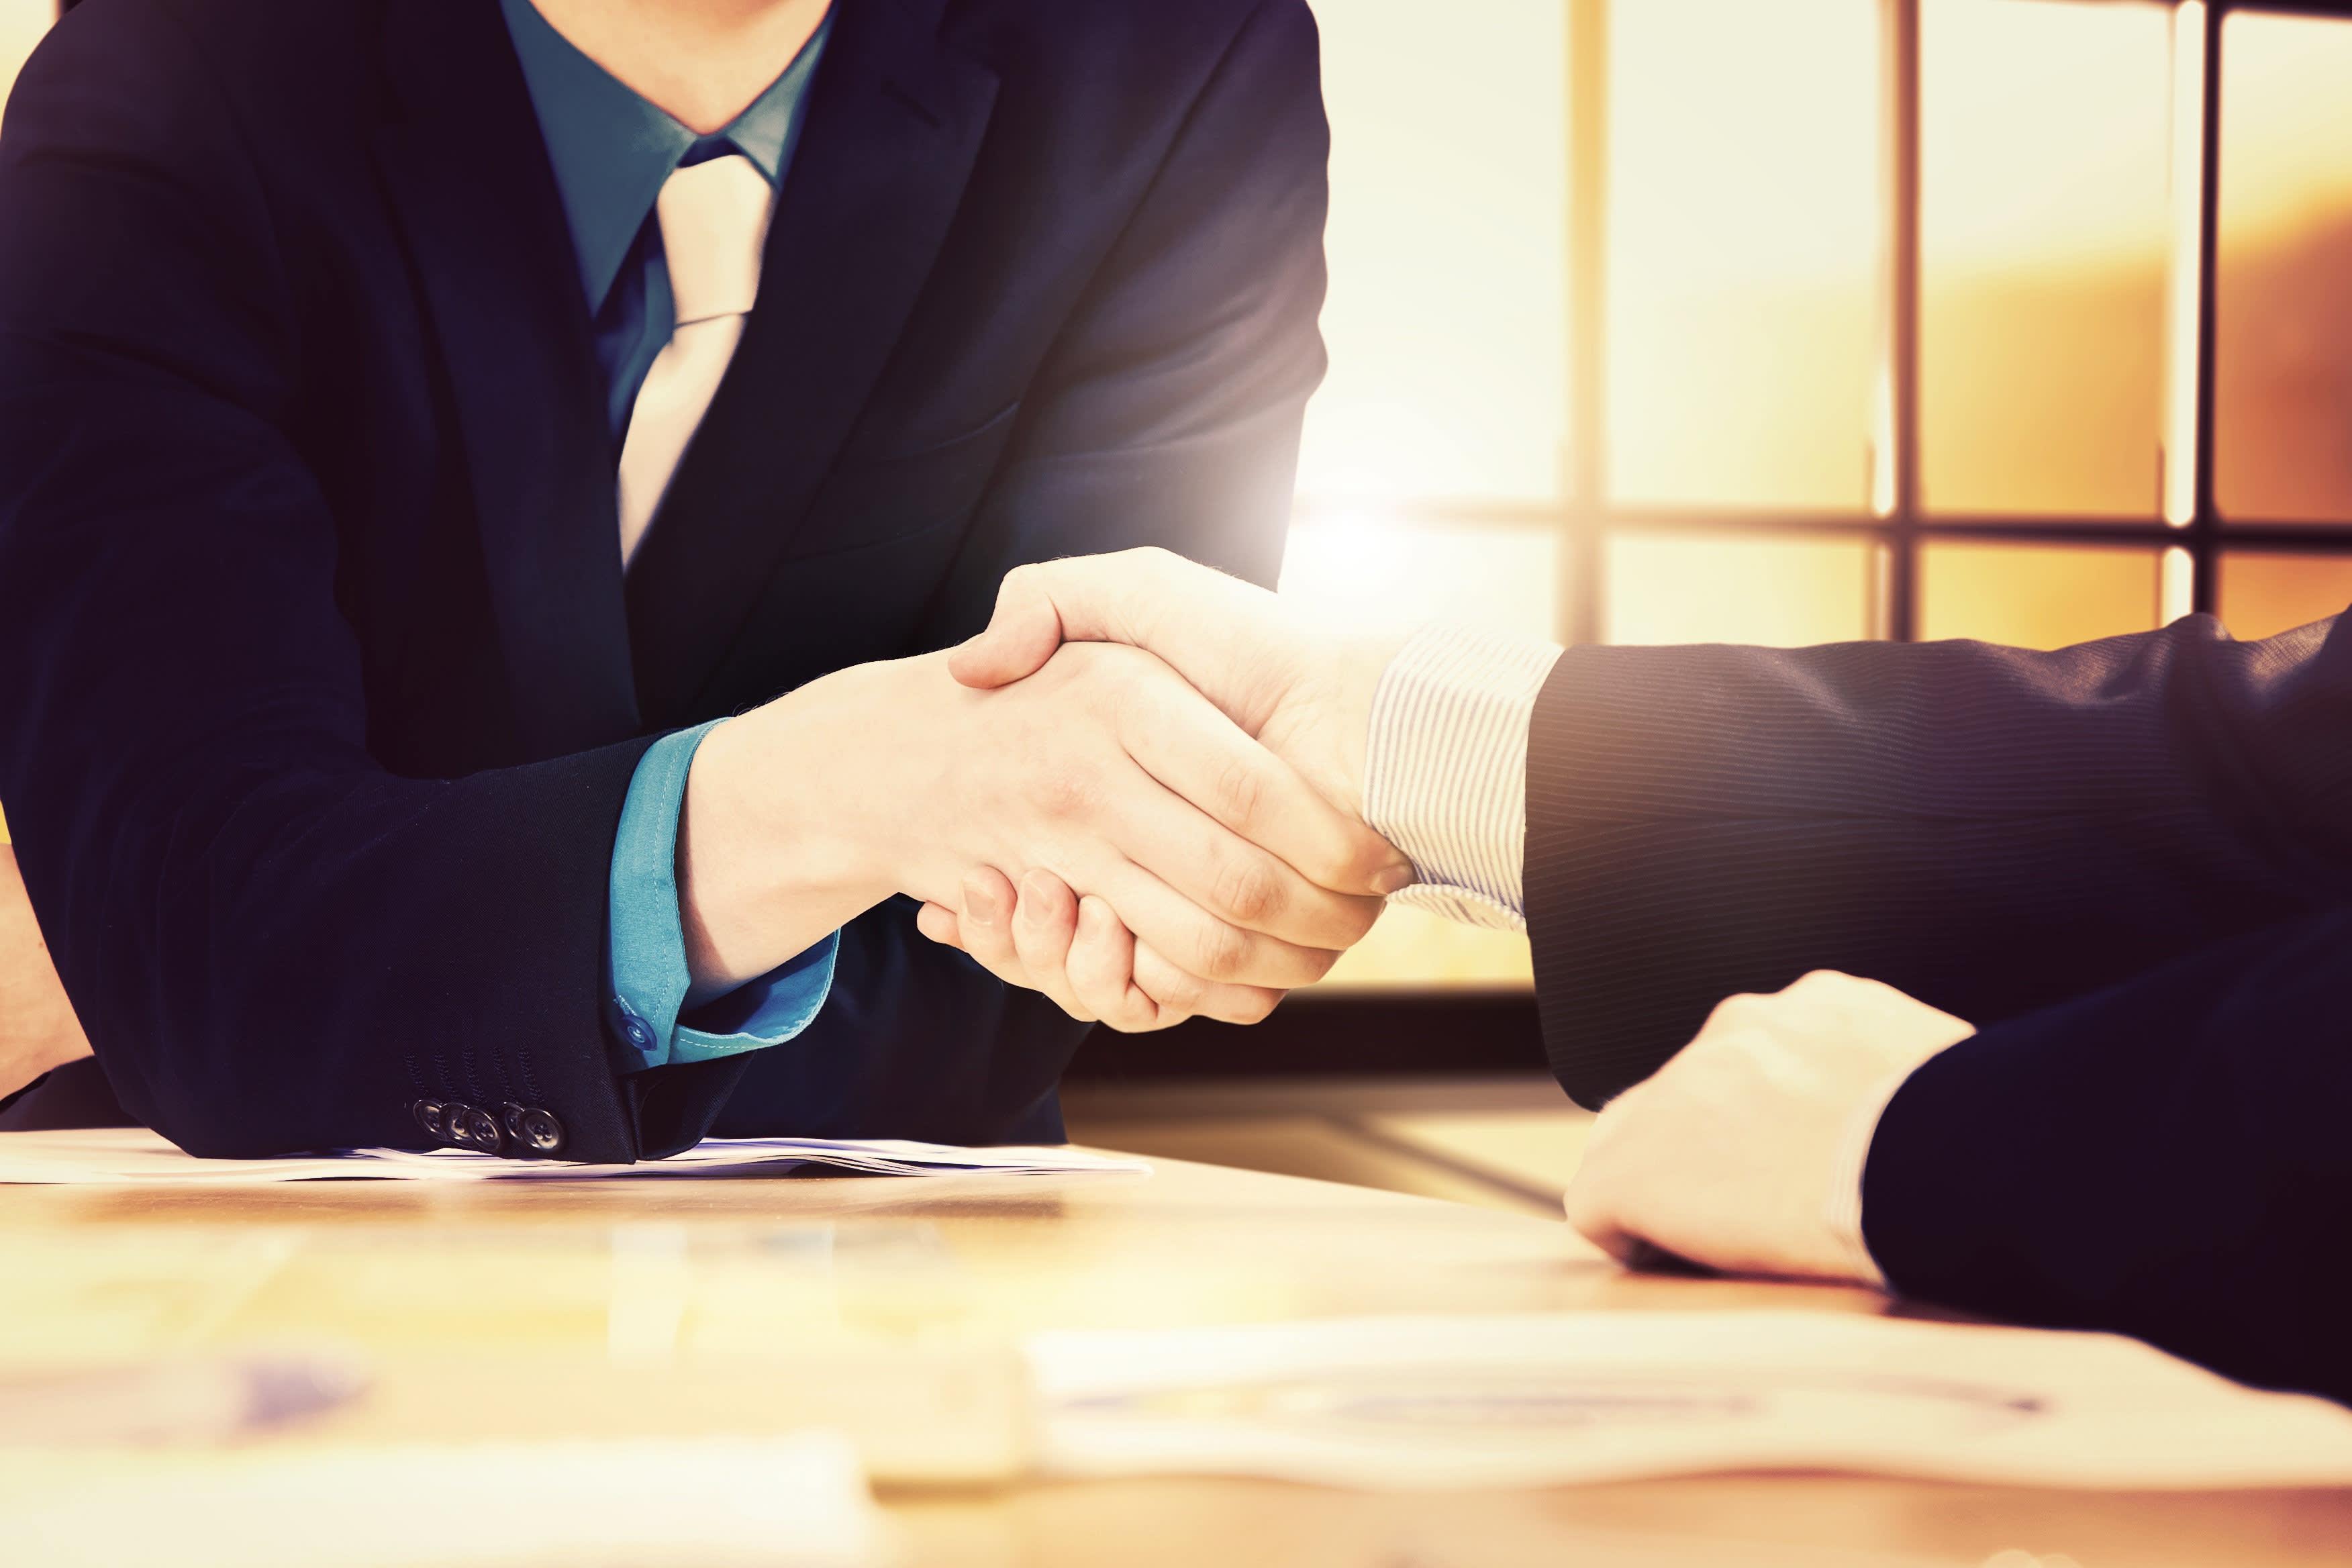 Penrith Building Society launches brokerage